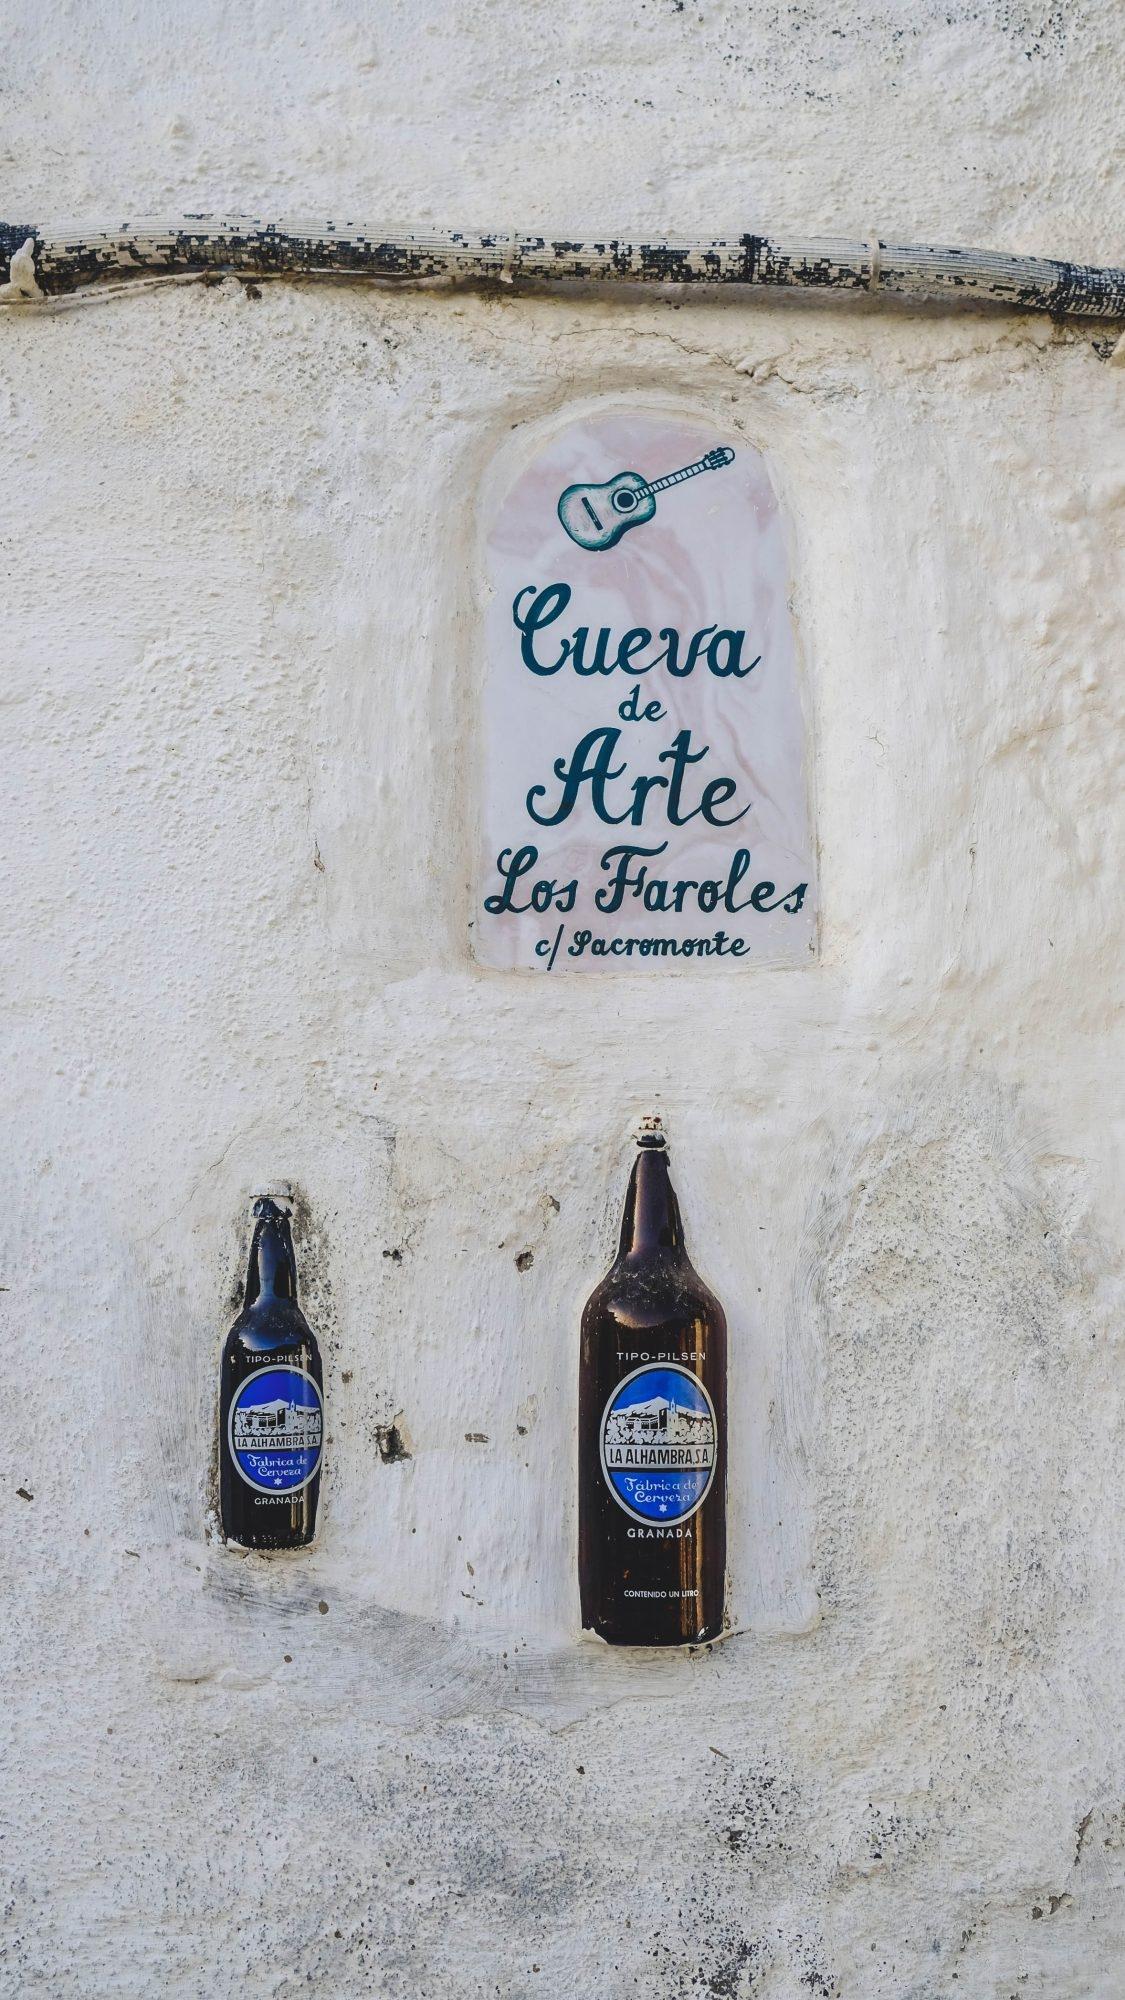 Bouteille dans les murs du quartier de Sacromonte à Grenade